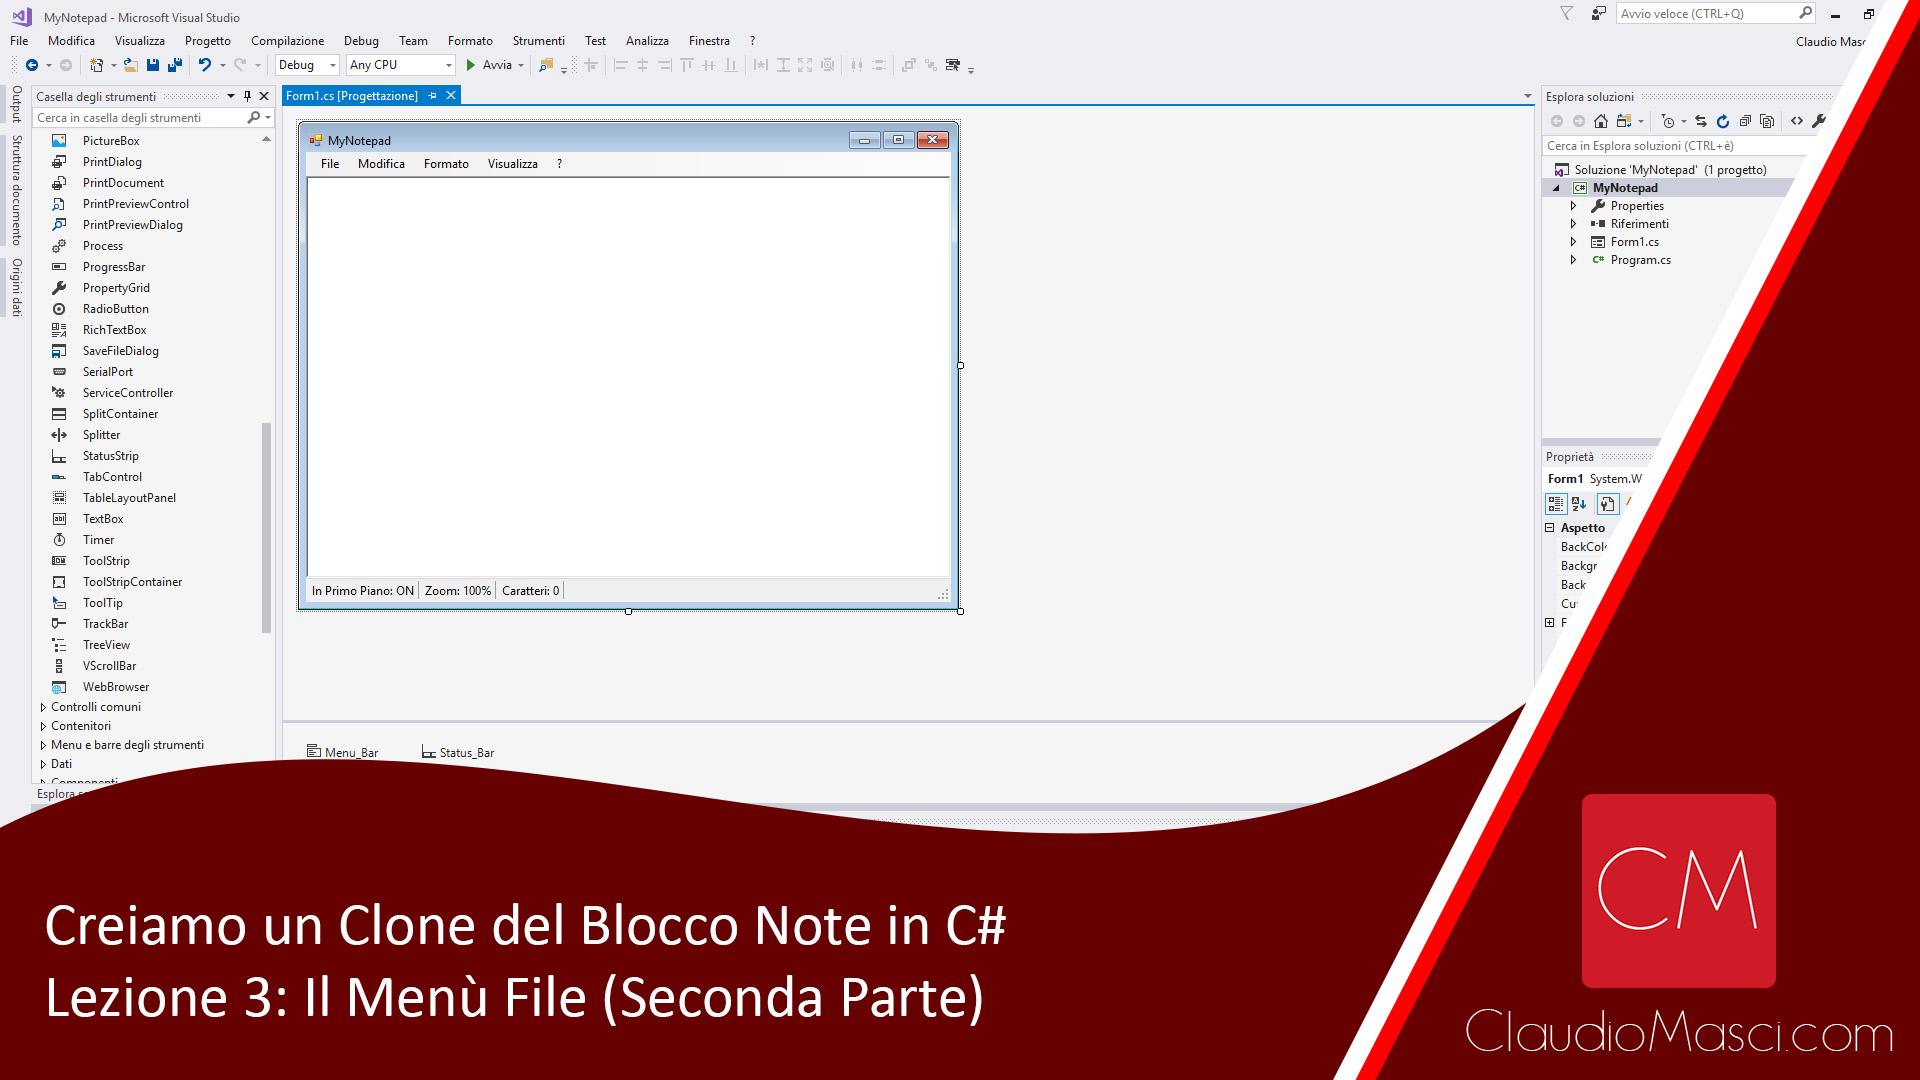 Creiamo un clone del Blocco Note in C# – Lezione 3: Il Menù File (Seconda Parte)